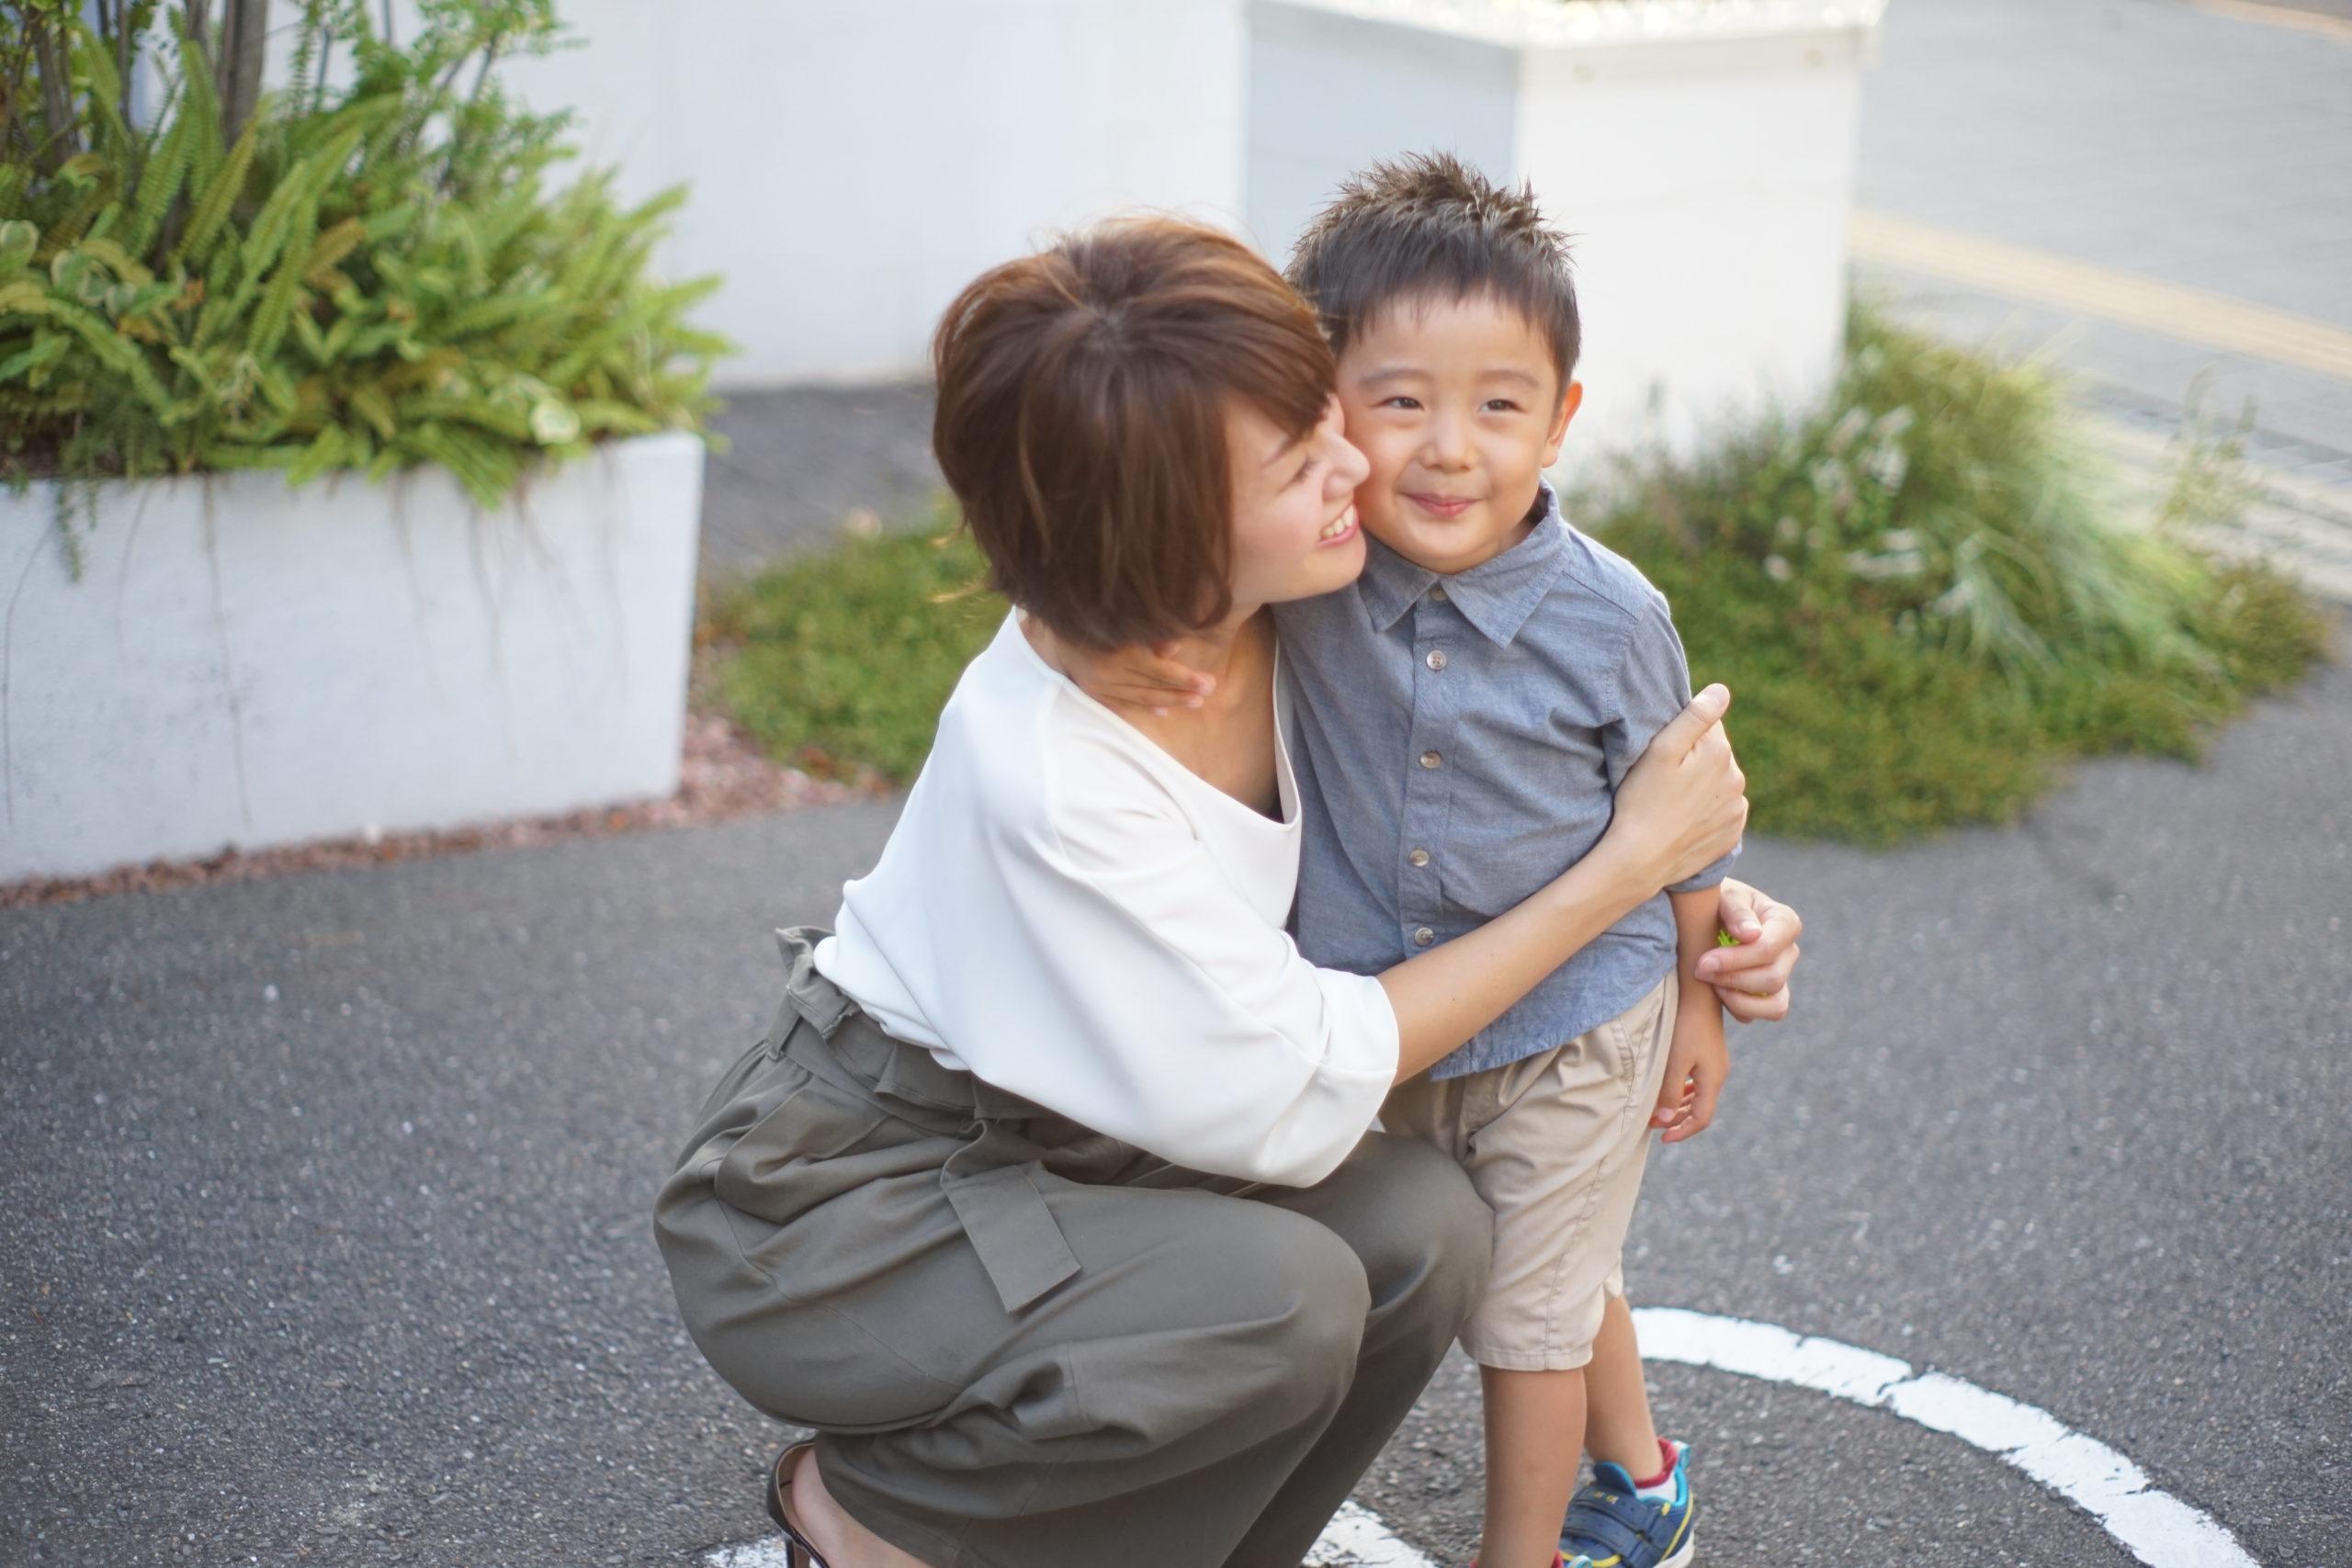 地域密着型ファミリーサロンである大阪市の美容室Snipは、親子で来られるお客様が沢山いらっしゃいます。